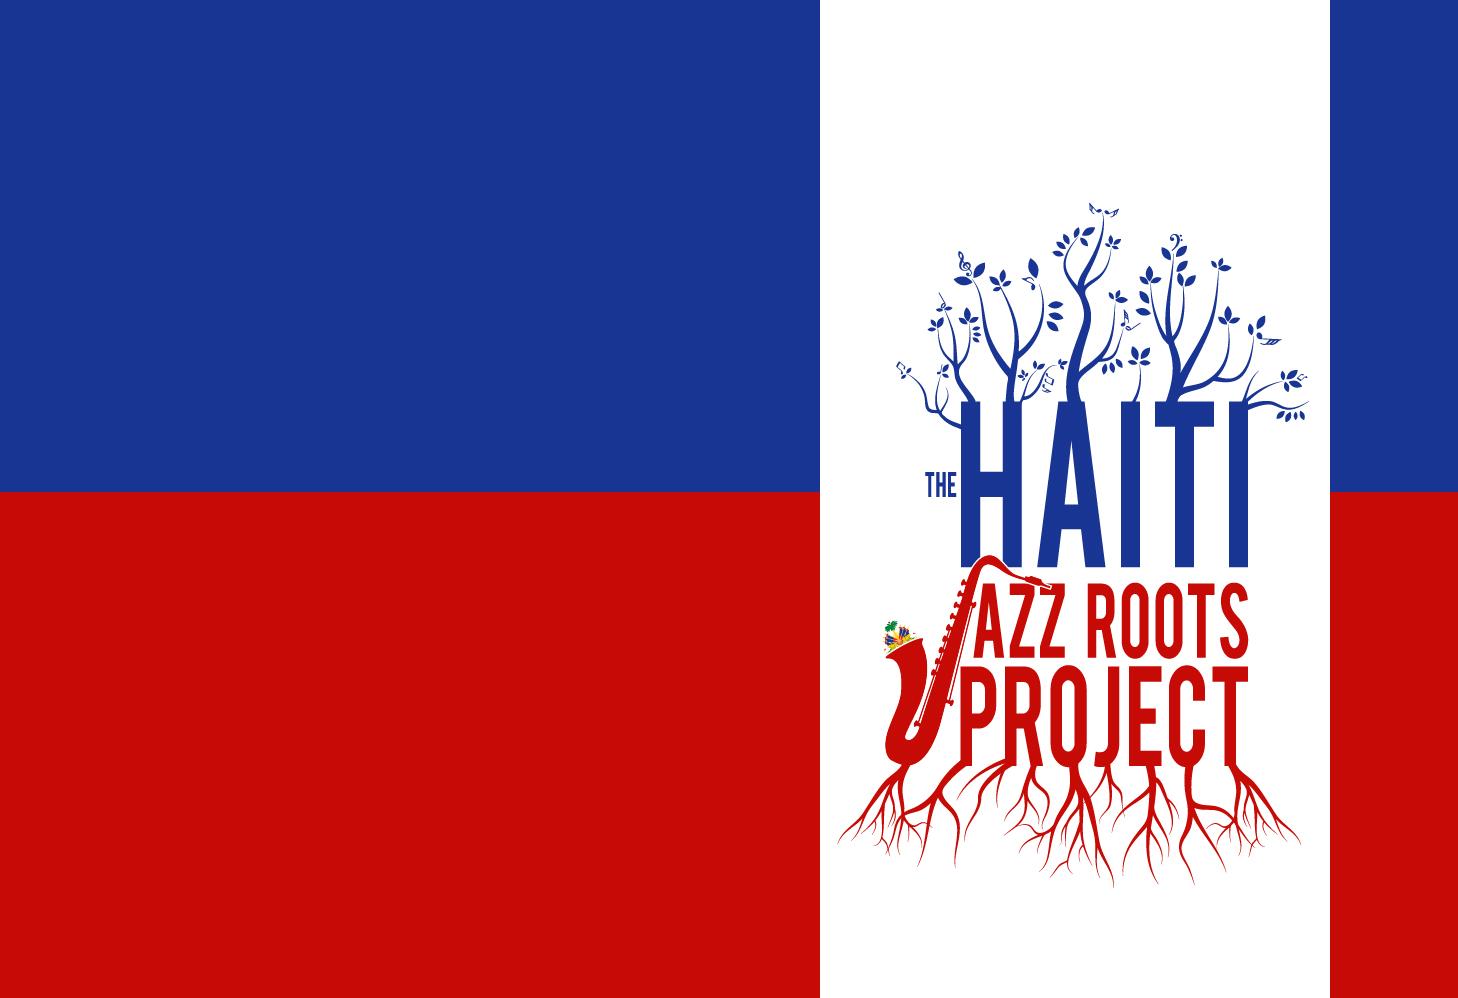 Jazz at MOCA × Haiti JazzRoots Project